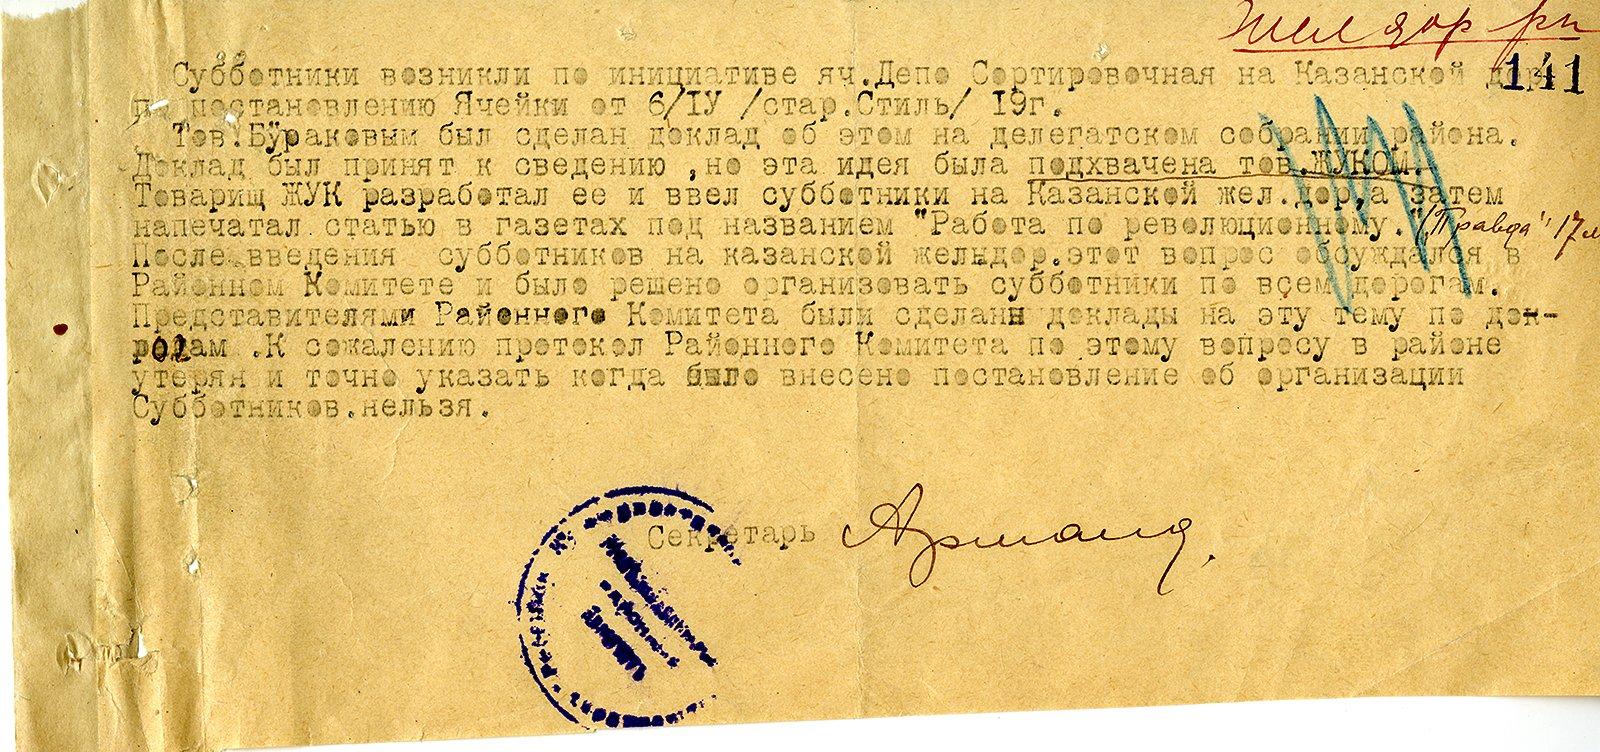 Фотография предоставлена  Центральным государственным архивом города Москвы